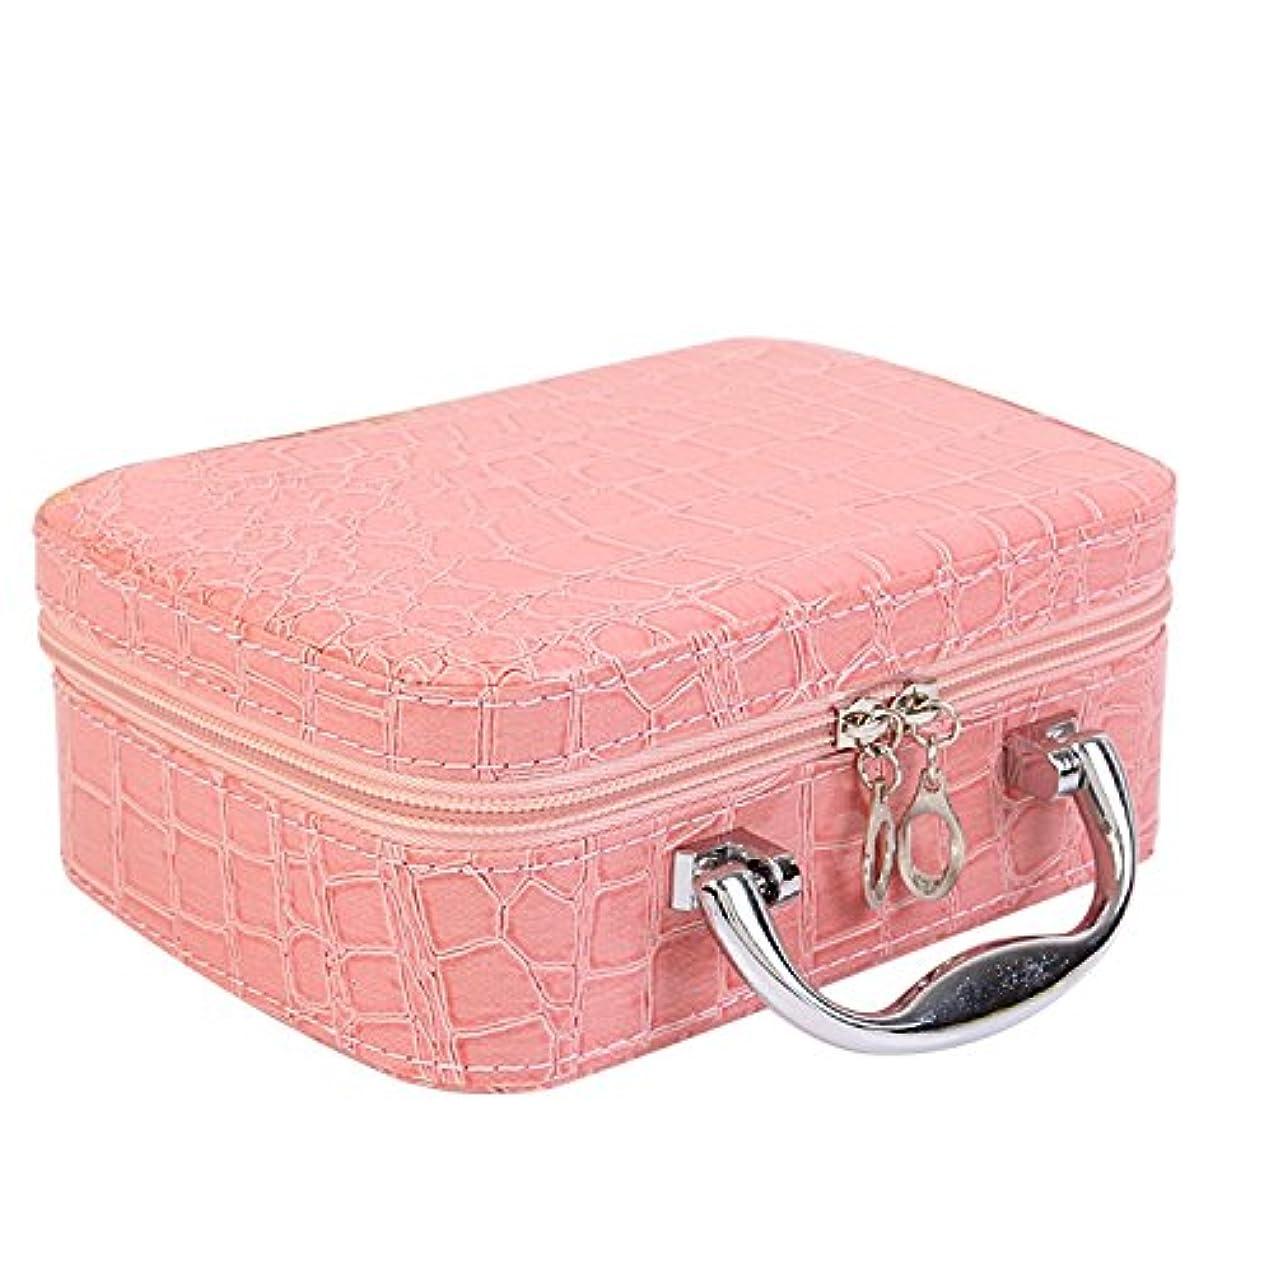 胆嚢敏感なアパートゴシレ Gosear PU レザー 化粧品 メイク ボックス ケース 化粧品 ハンドバッグ ミラー クロコダイル パターン ピンク